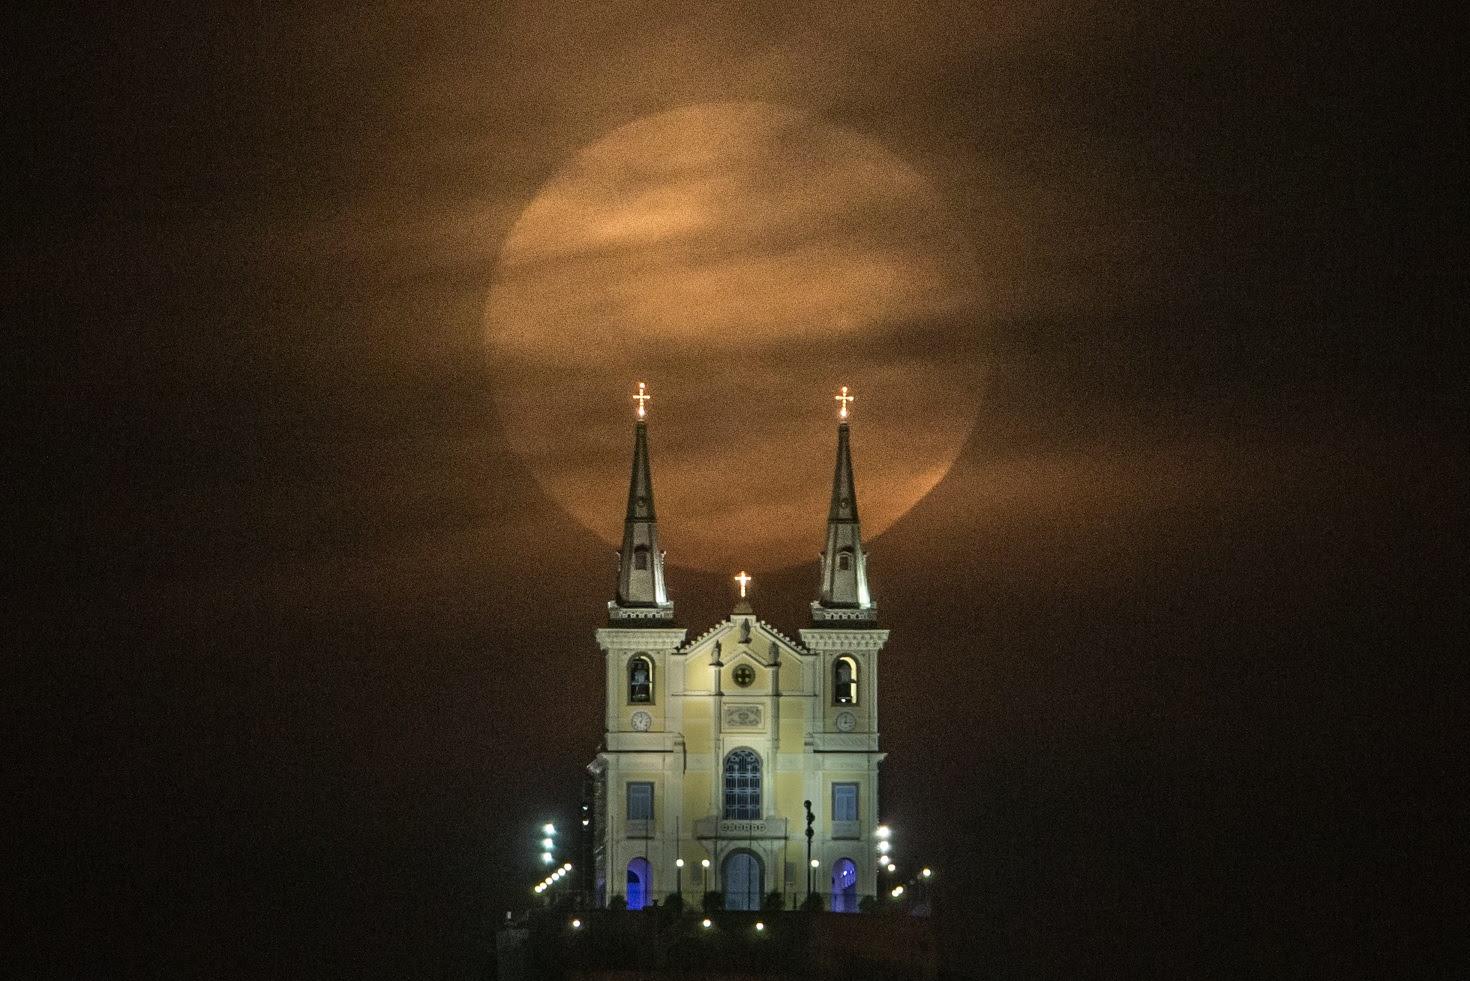 A lua brilhando sobre a tradicional Igreja da Penha, um dos símbolos do subúrbio carioca. Foto Yoshuyoshi Chiba/AFP